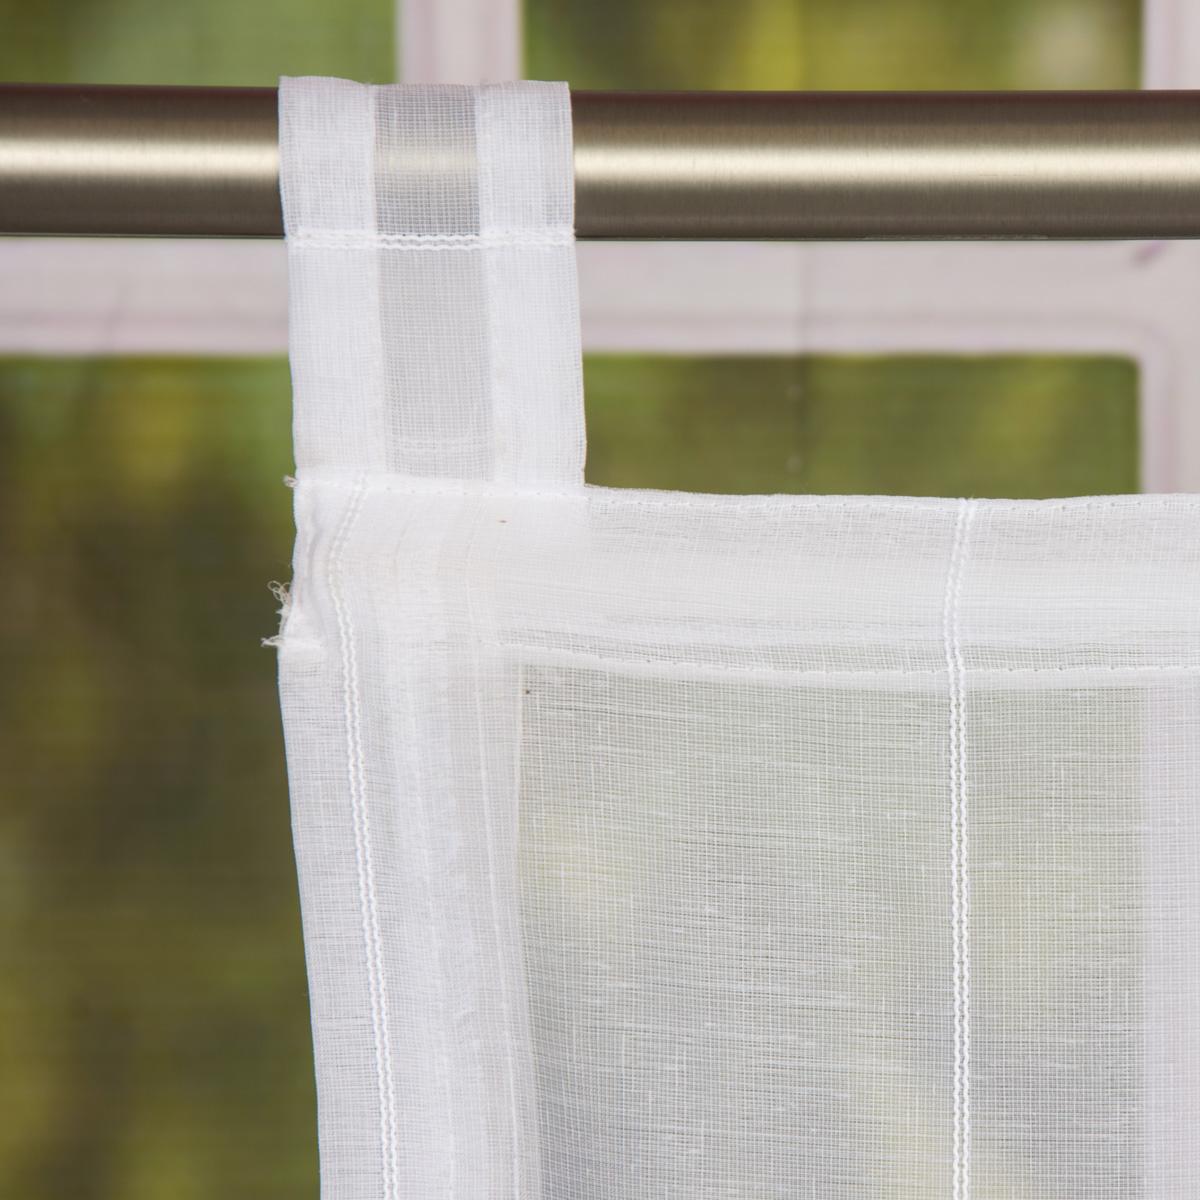 raffrollo rollo schlaufen wei transparent mit streifen 100x140cm gardinen fertiggardinen raff. Black Bedroom Furniture Sets. Home Design Ideas